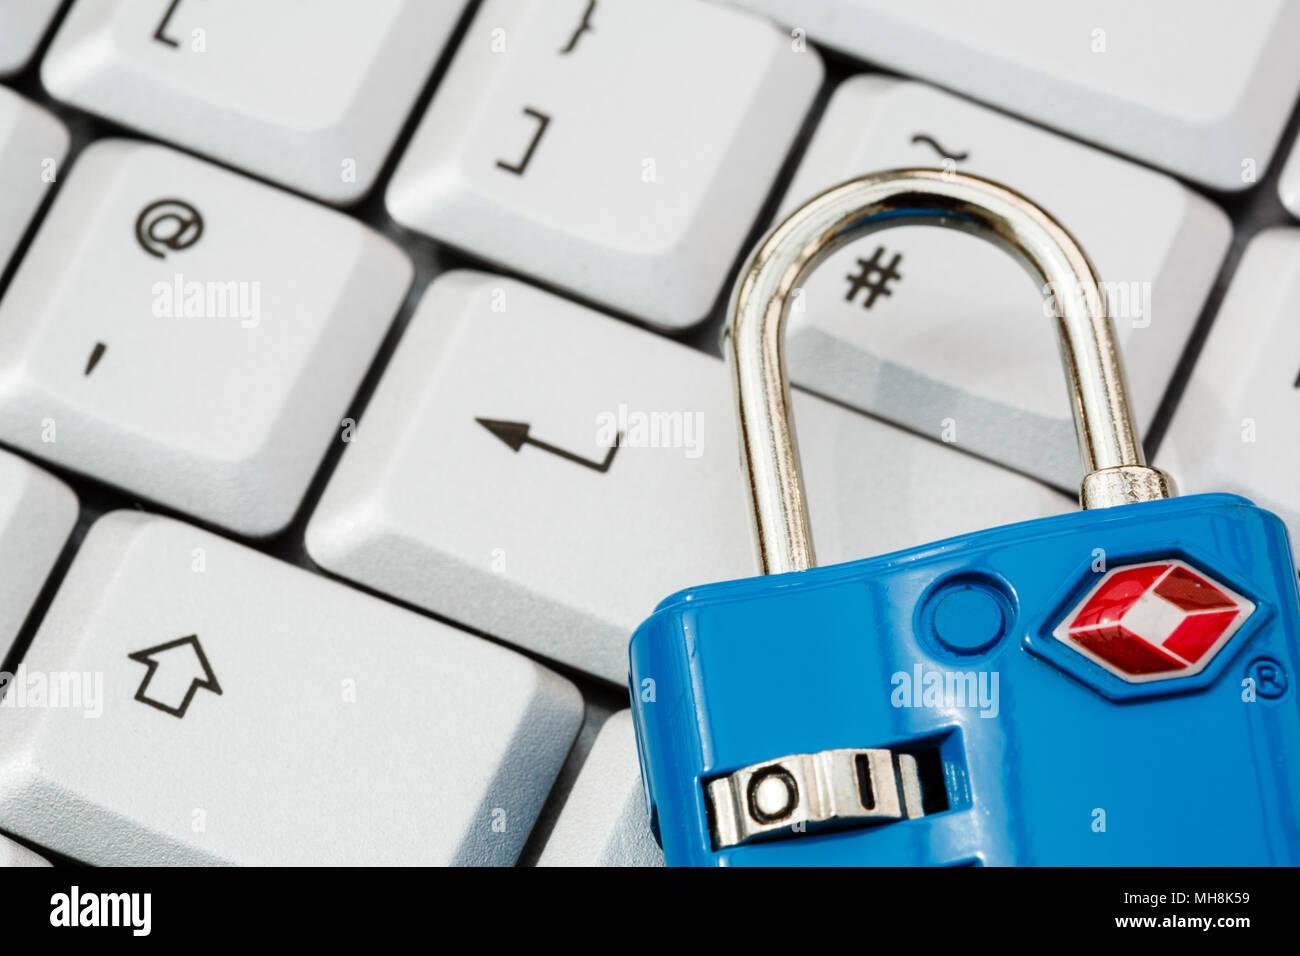 Un teclado con tecla INTRO y un candado TSA para ilustrar la línea de seguridad cibernética y concepto de protección de datos. Se centró en el candado. Inglaterra, Reino Unido, Gran Bretaña Imagen De Stock